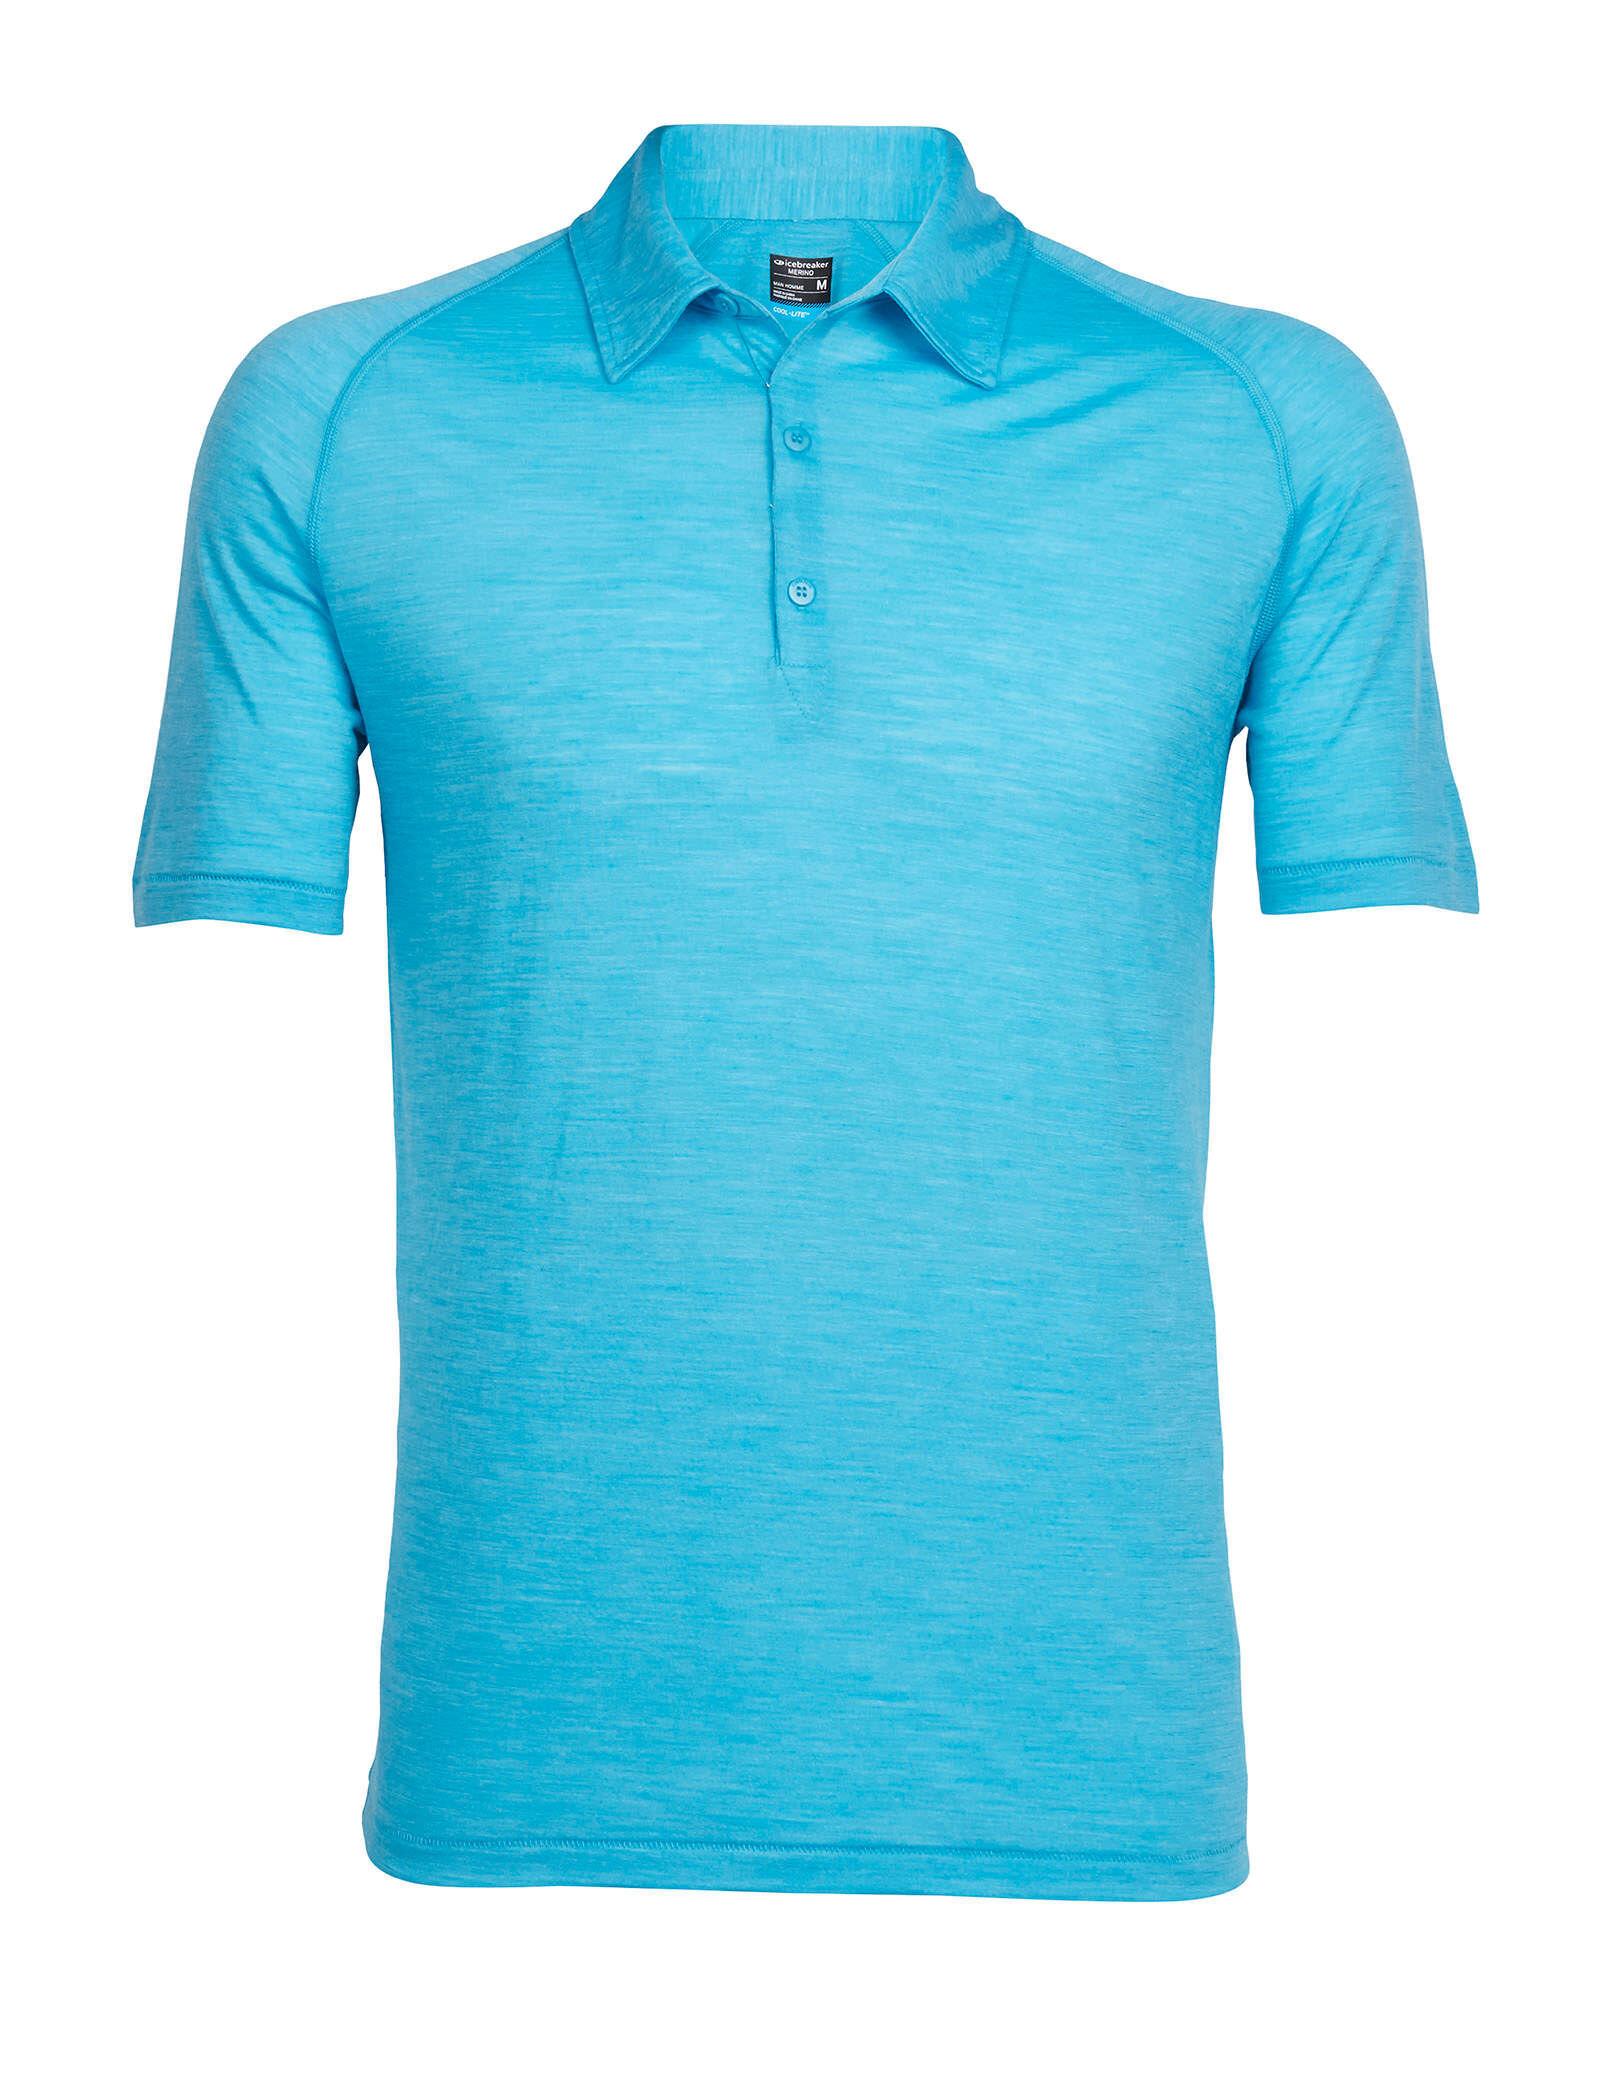 Icebreaker Herren Poloshirts Sphere Short Sleeve